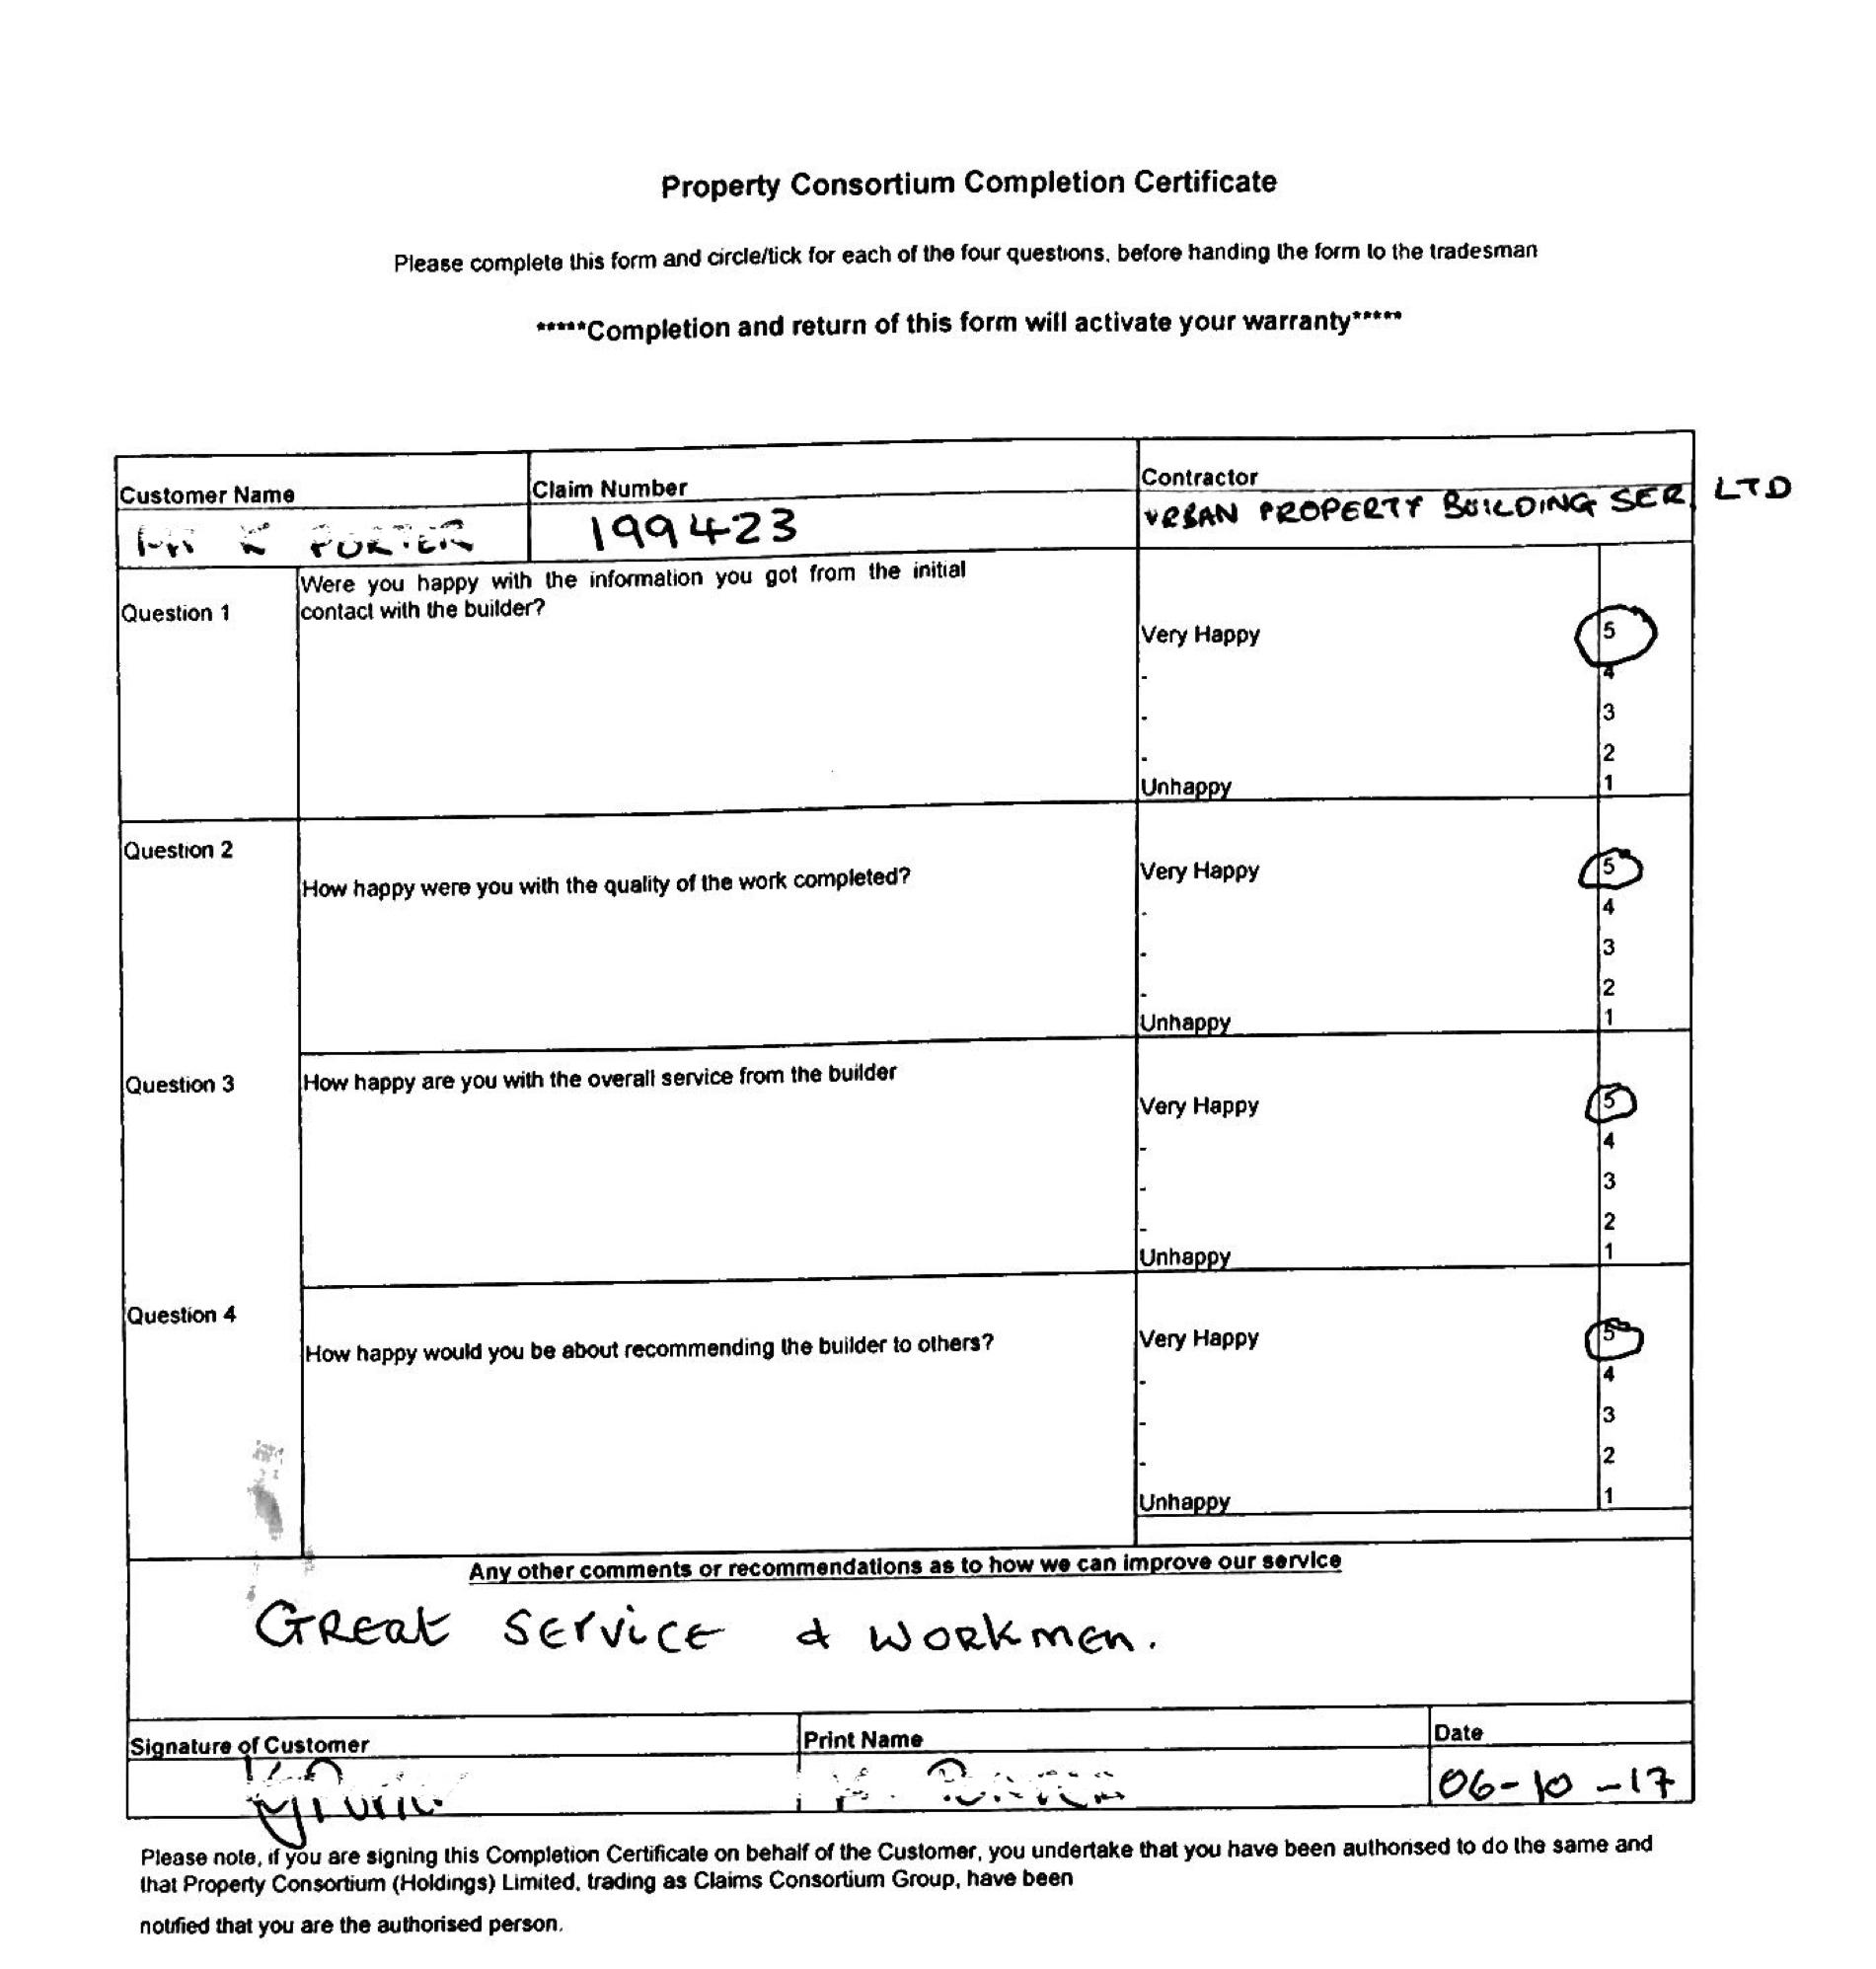 199423 Satisfaction Certificate.jpg